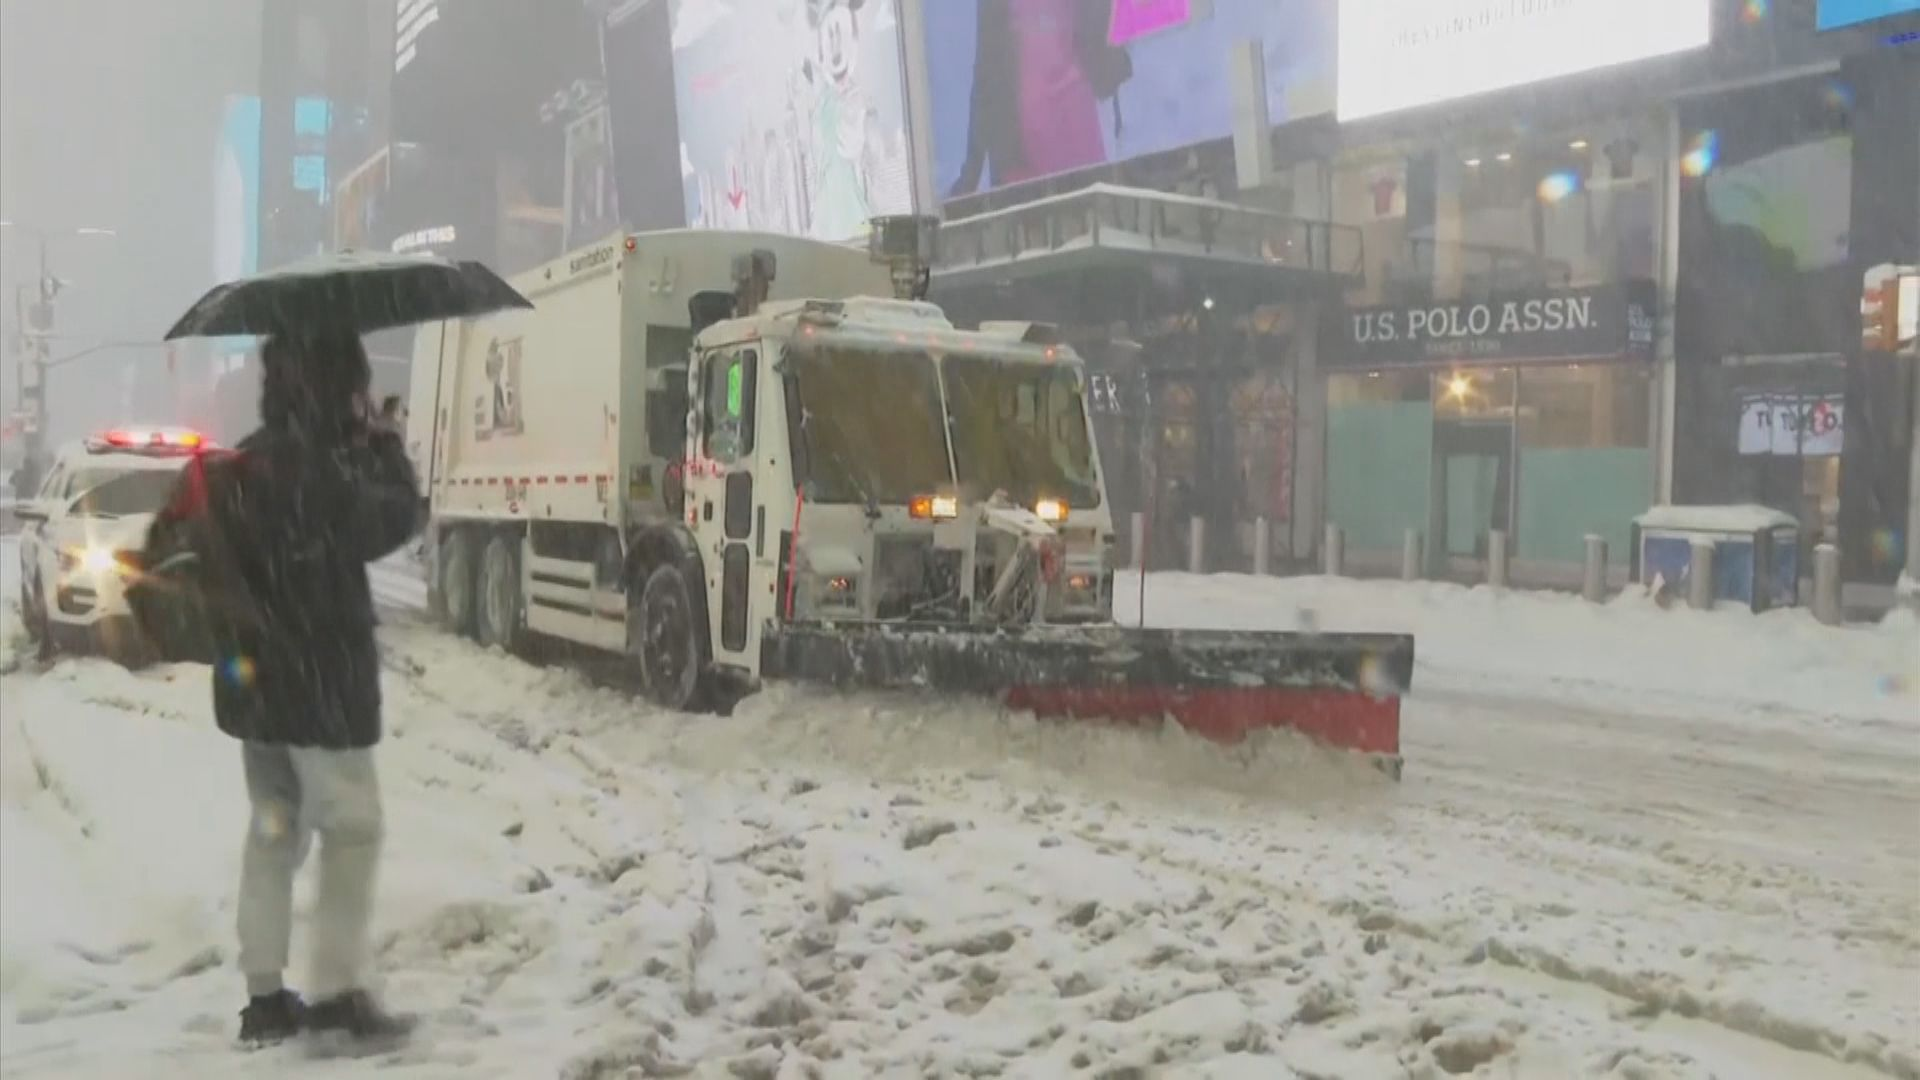 美國東北遭暴風雪吹襲 紐約市等宣布進入緊急狀態